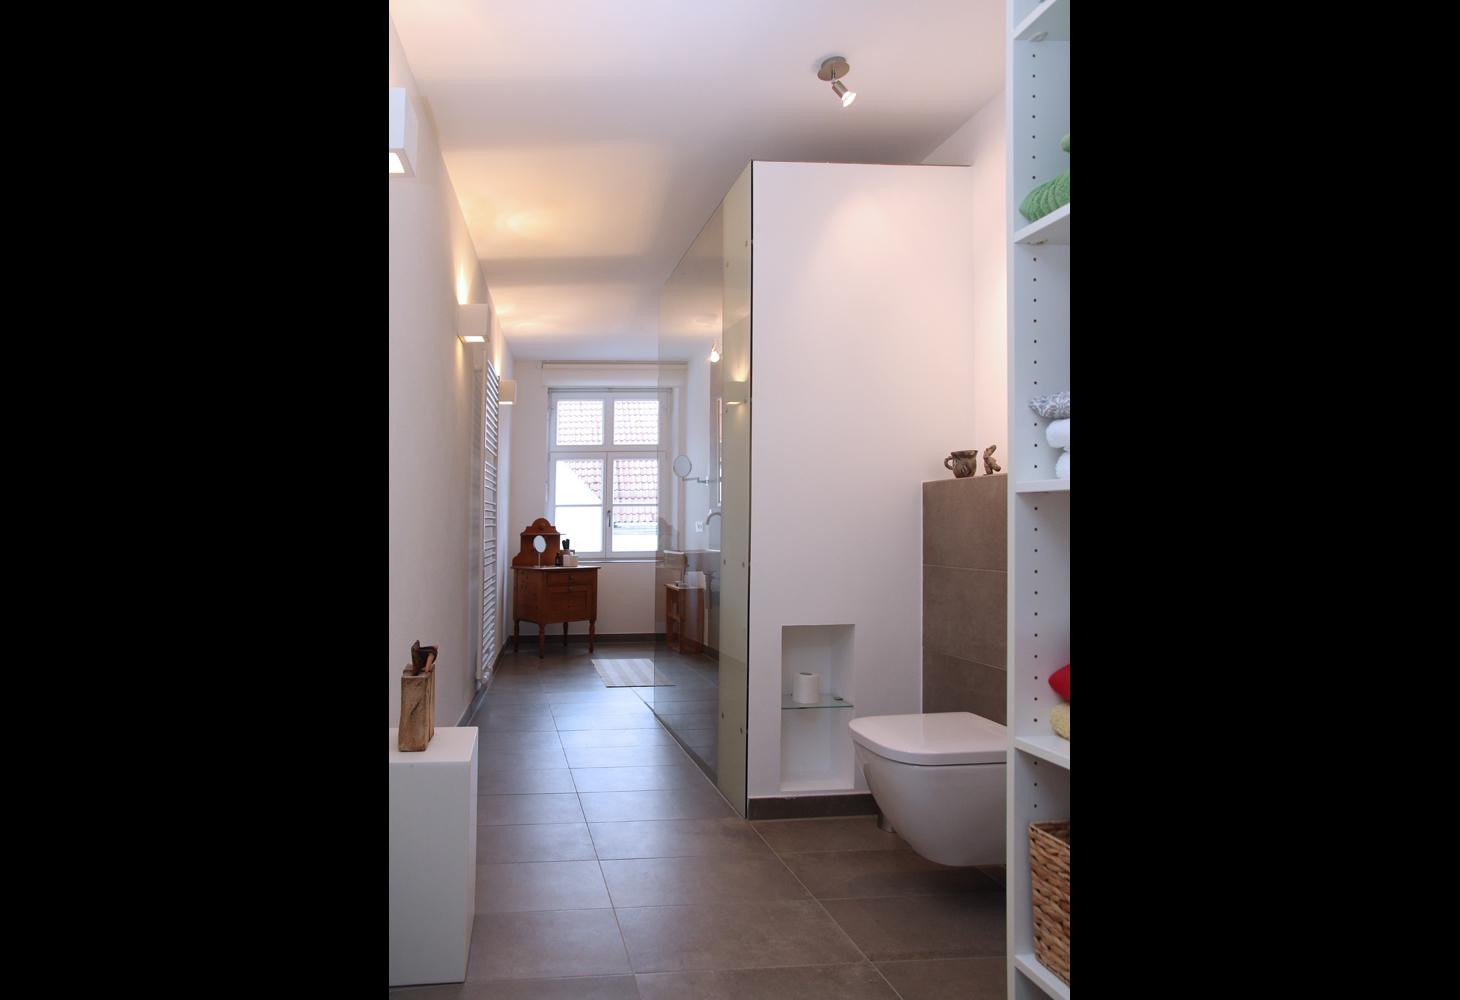 Feine Kunst und feines Design findet seinen Platz auf Stelen und Ablagen.